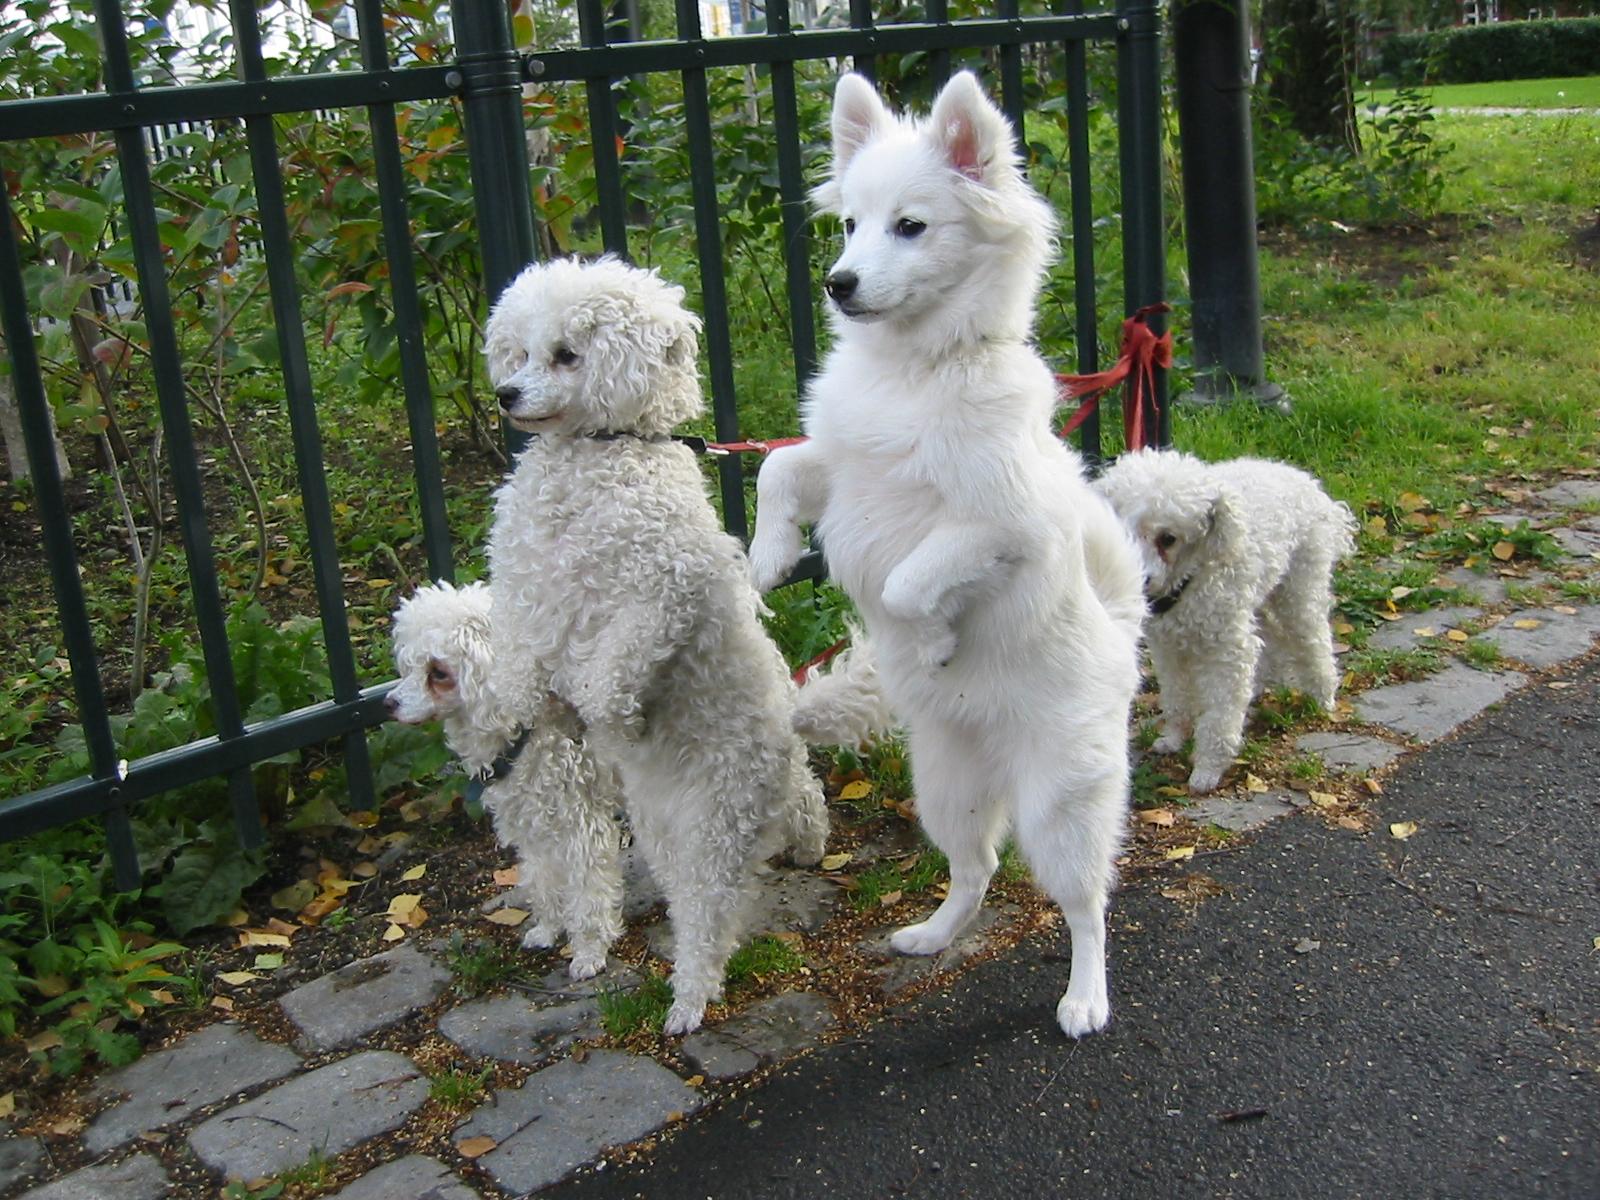 Dog On Hind Legs